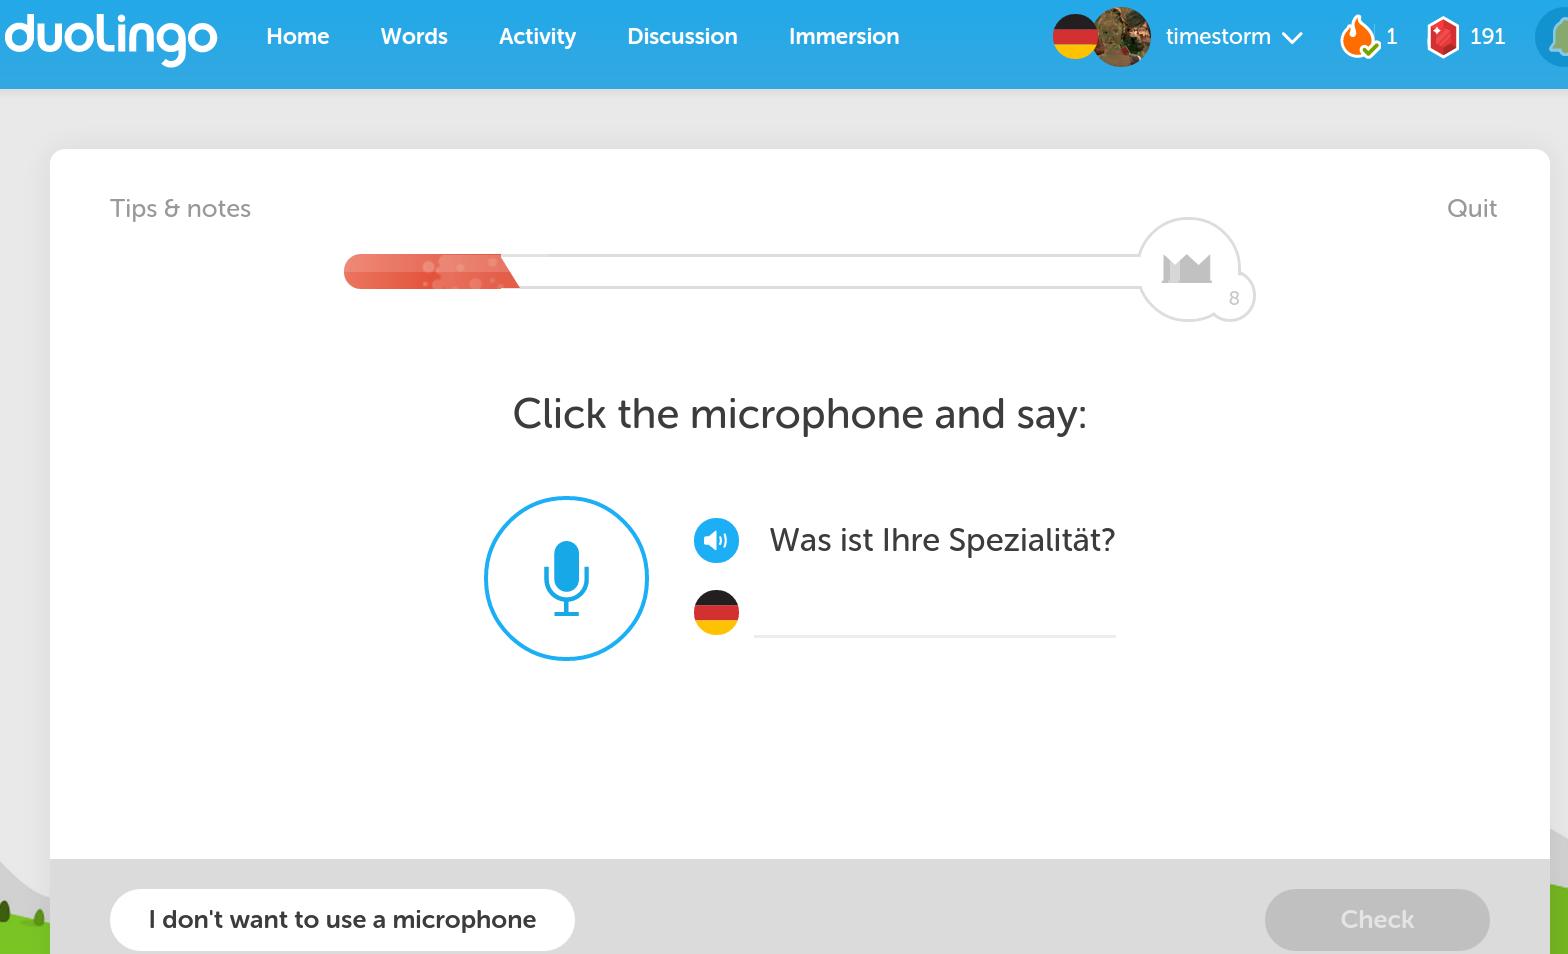 how to use duolingo effectively